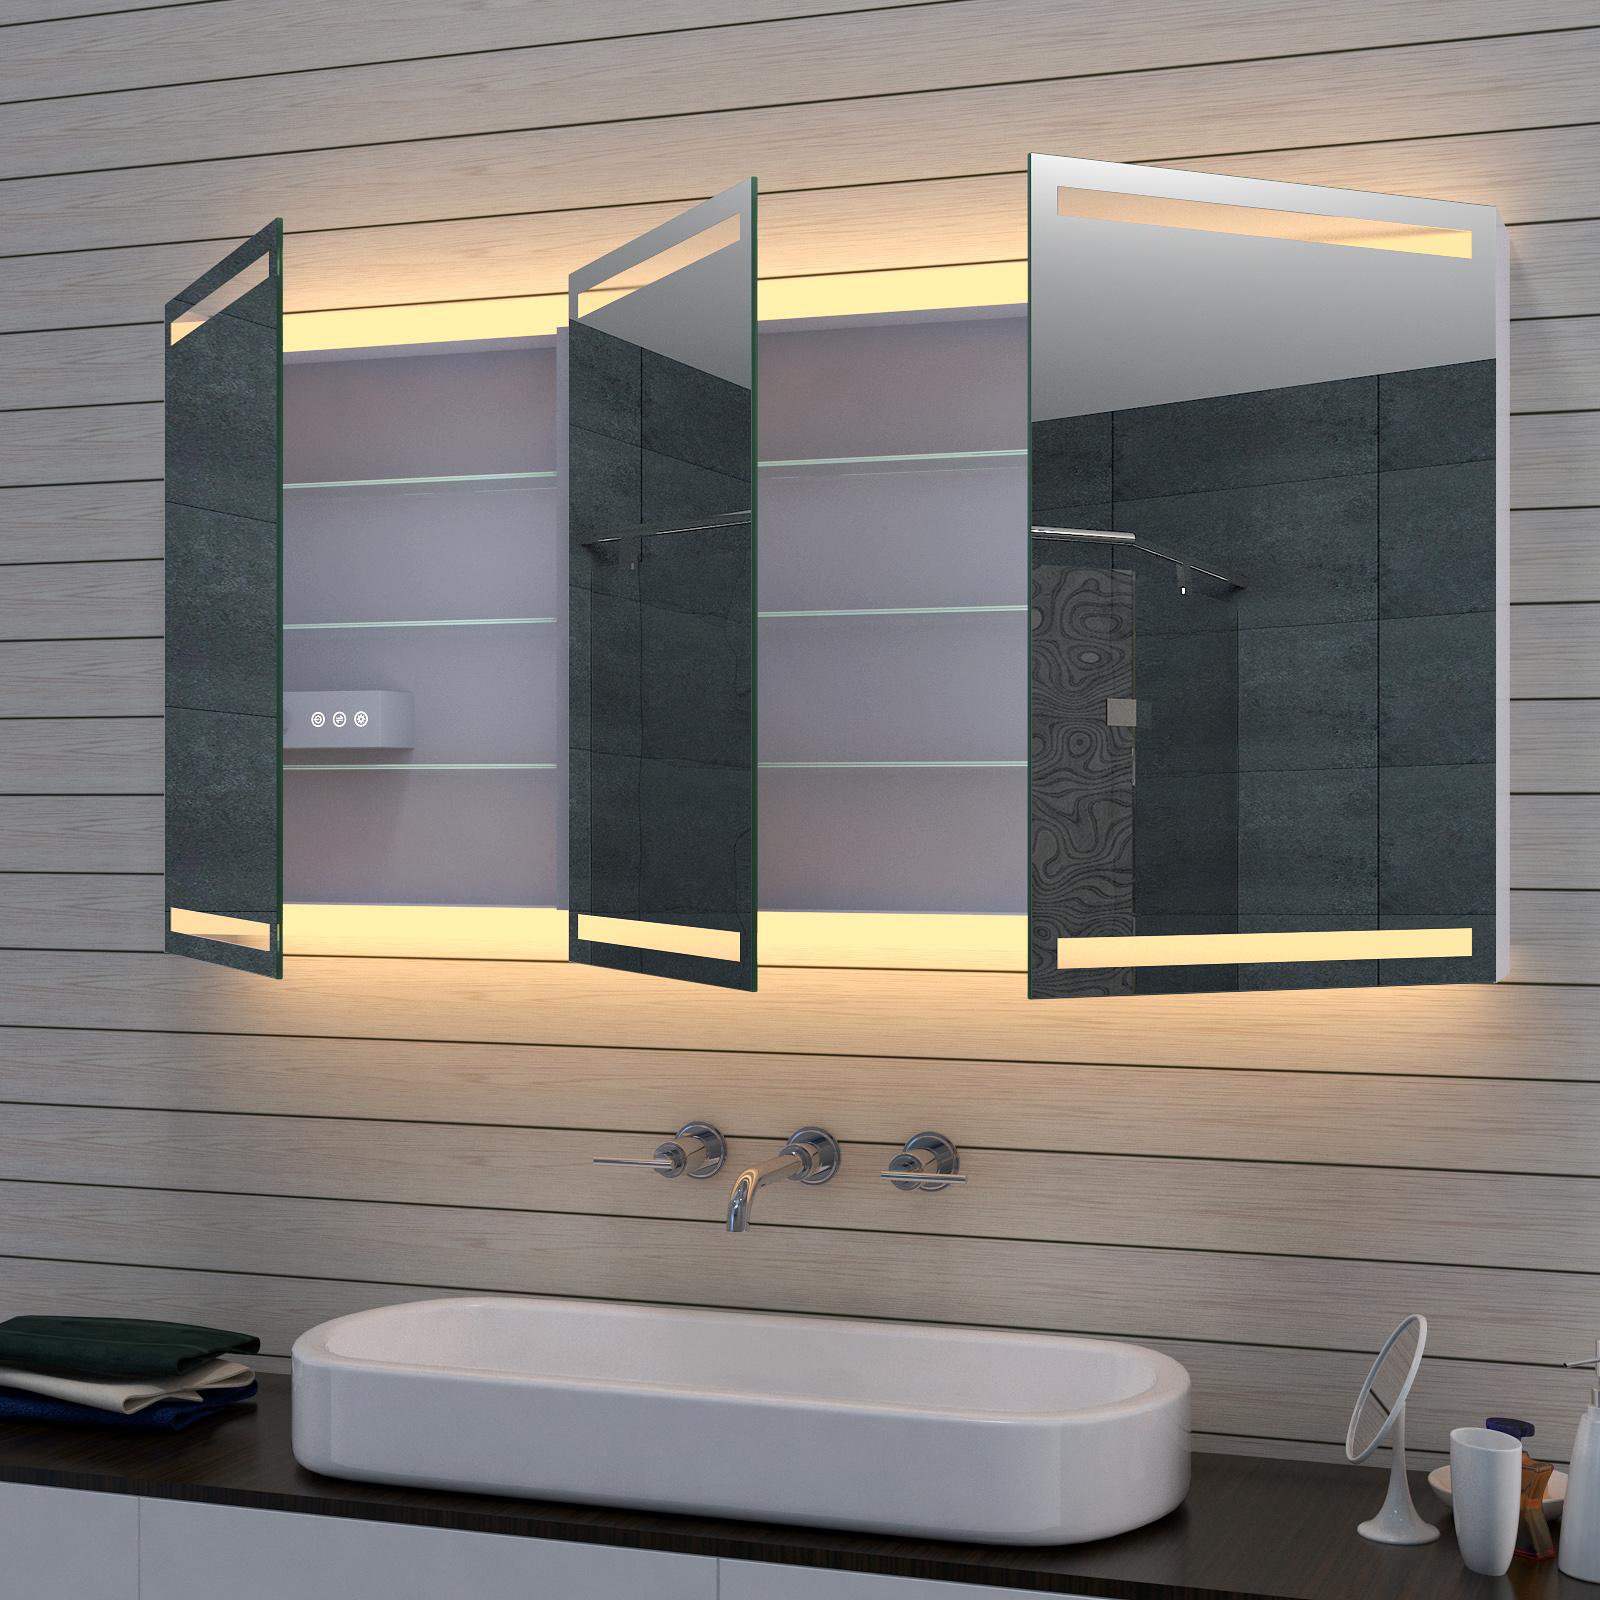 www.lux-aqua.de - Aluminium LED Kalt- /Warmlicht Badezimmer